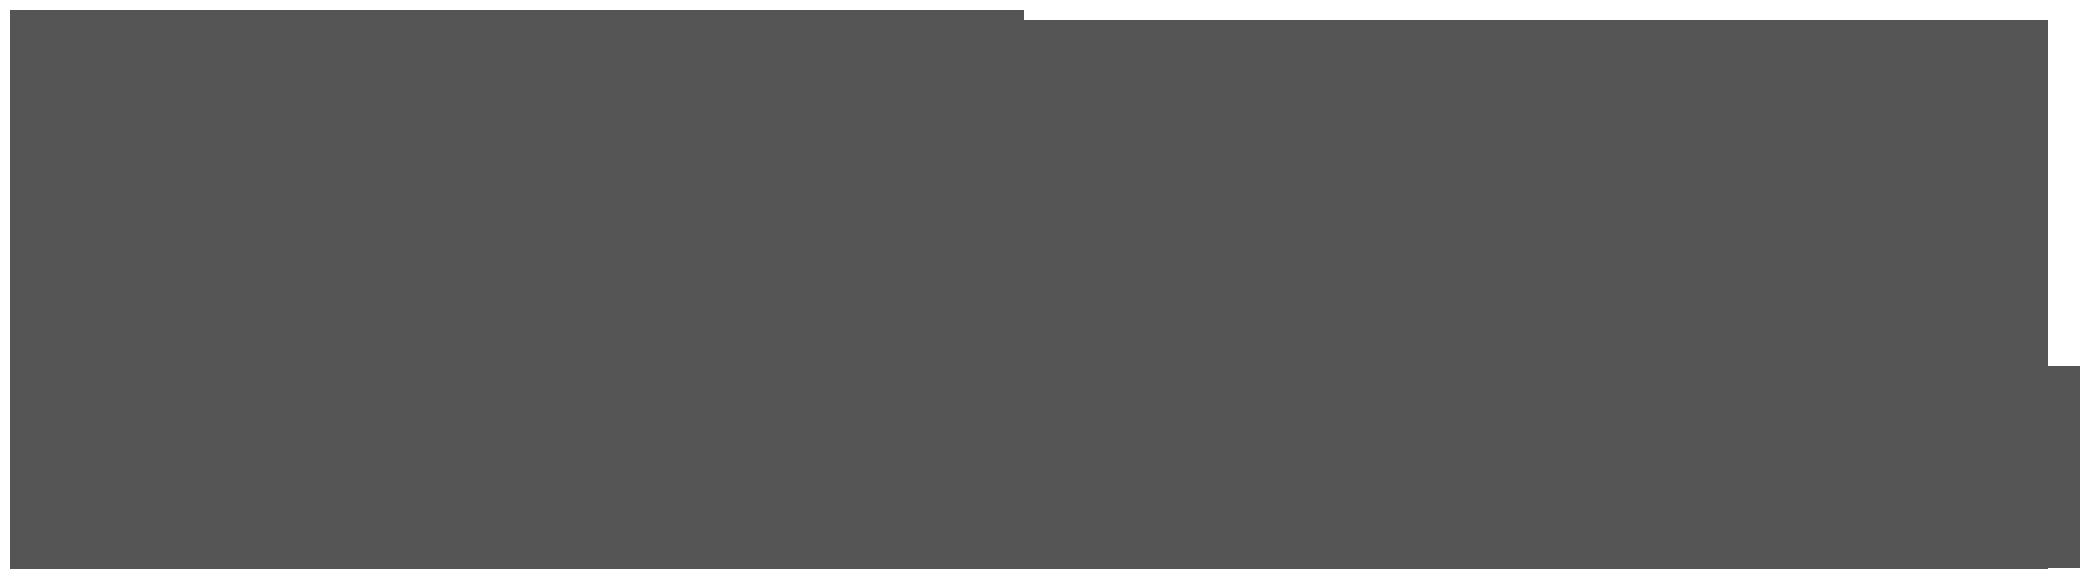 AGZA_LOGO_Gray_75